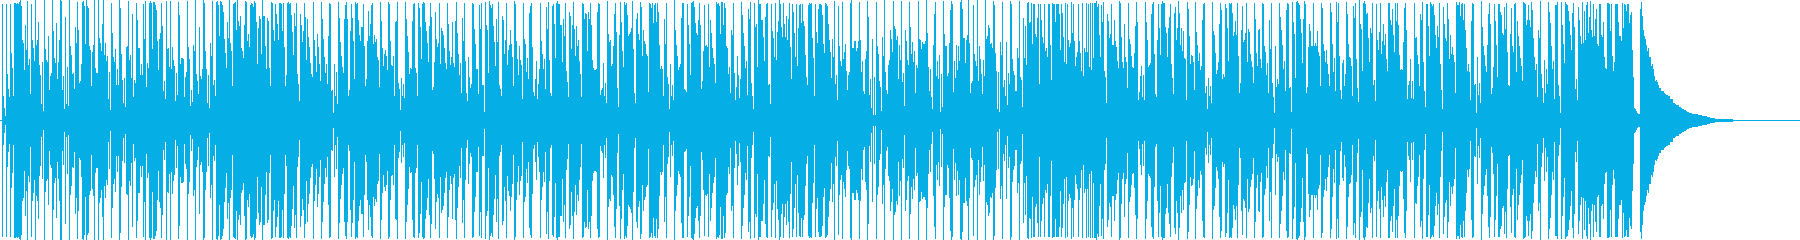 ラジオ・広告・動画/盛り上がる ファンクの再生済みの波形